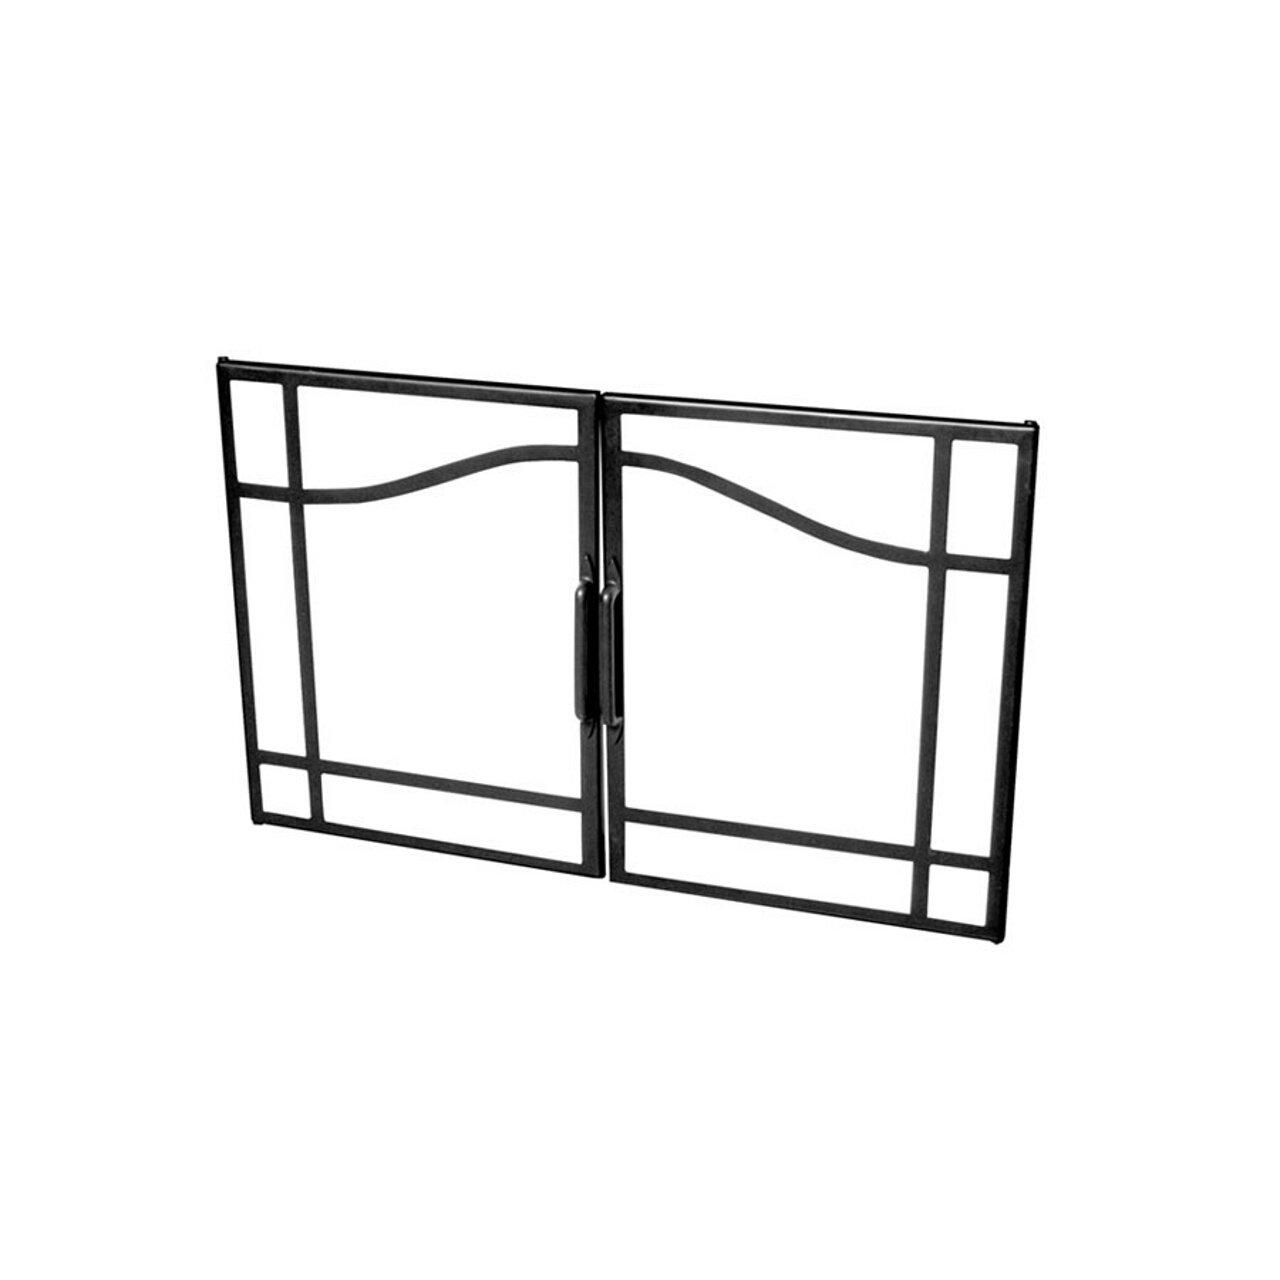 Dimplex BFSDOOR33BLK 33-Inch Glass Swing Doors for Built-In Electric Firebox